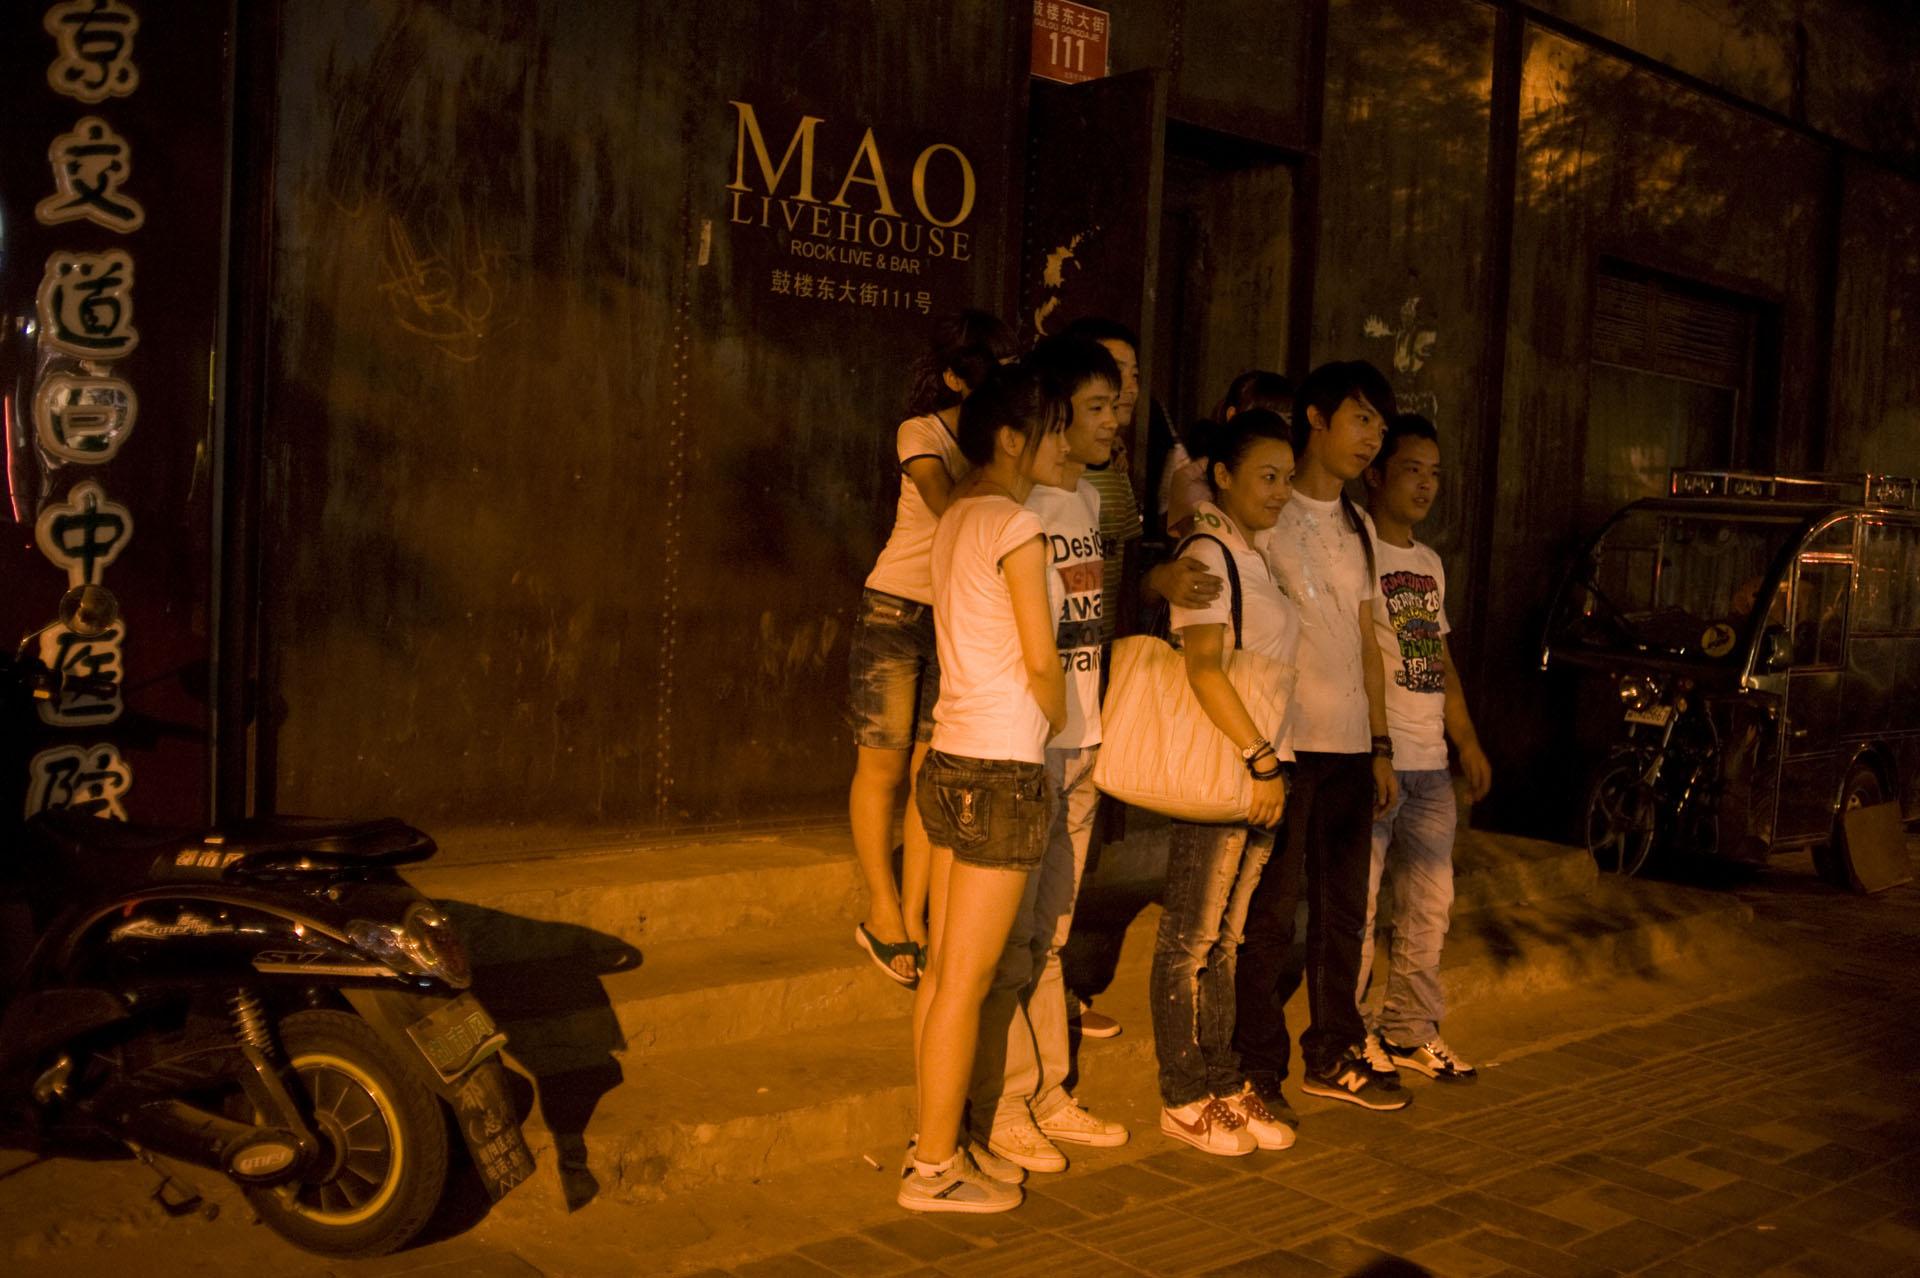 Le Mao Livehouse